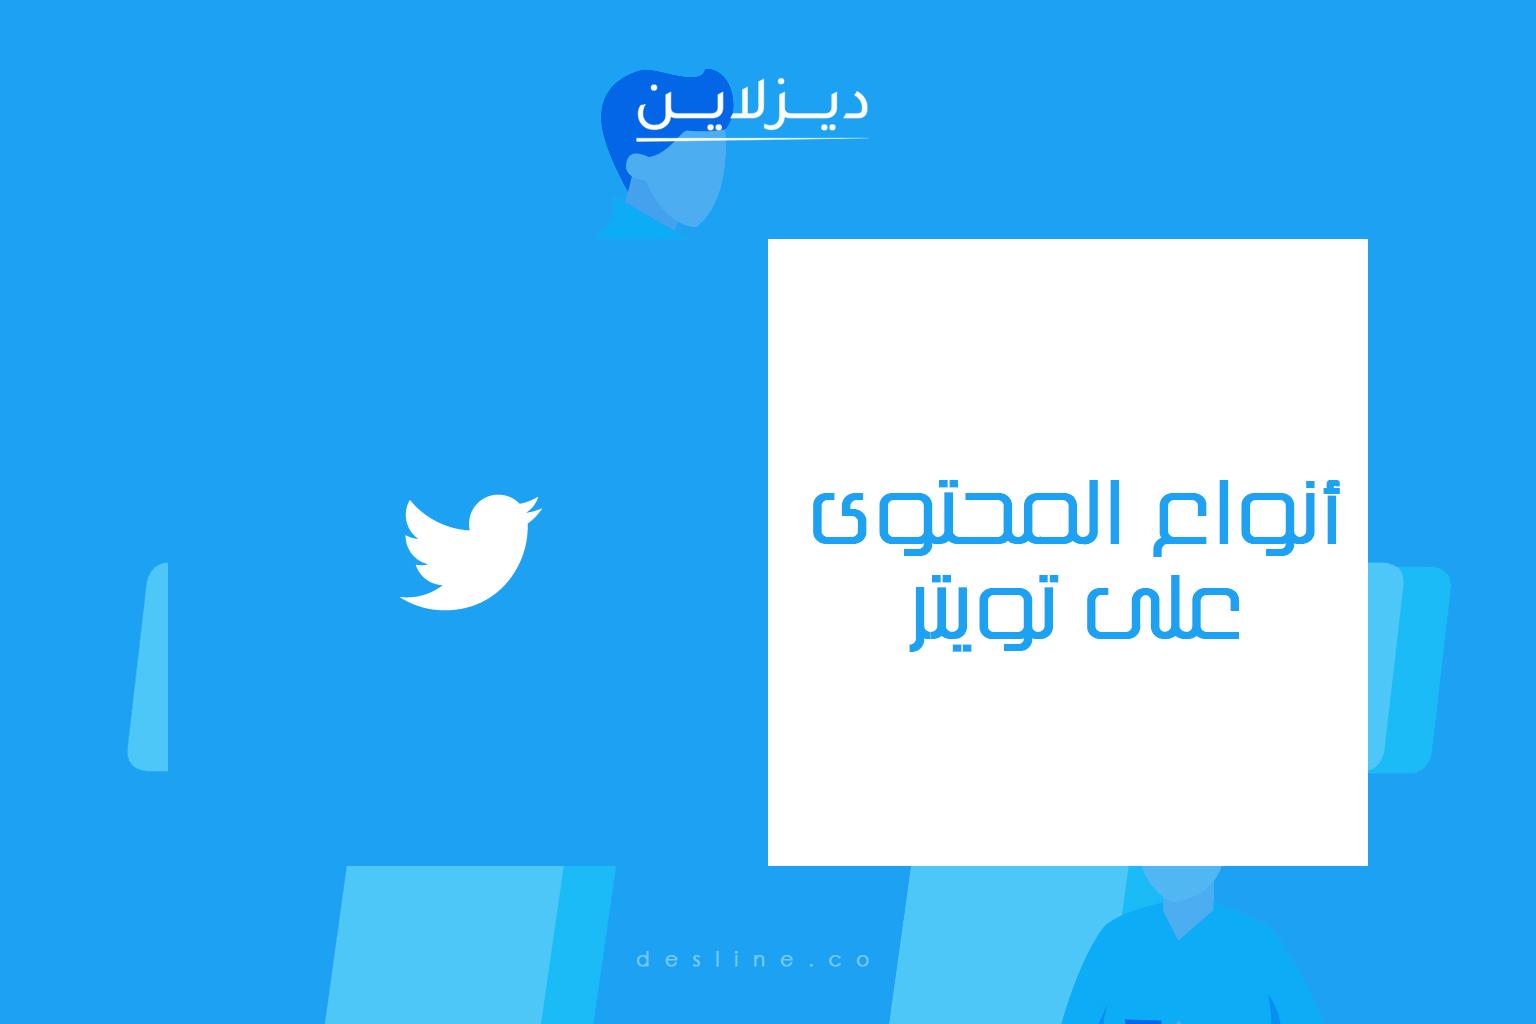 أنواع المحتوى الممكن تطويره على تويتر